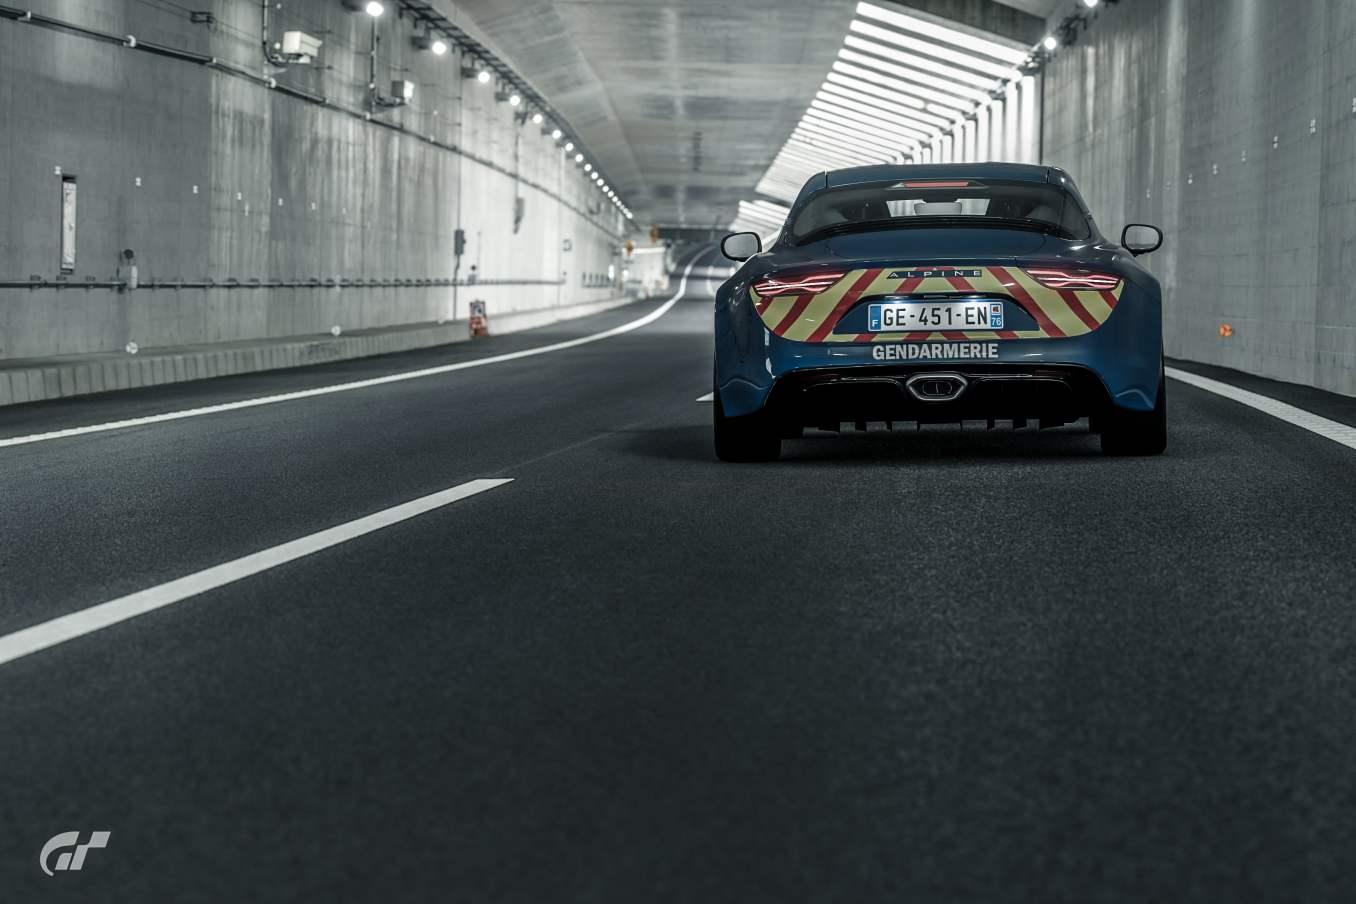 officiel les alpinistes gendarmerie Alpine A110 3 | [Officiel] La Gendarmerie roulera en Alpine avec 26 A110